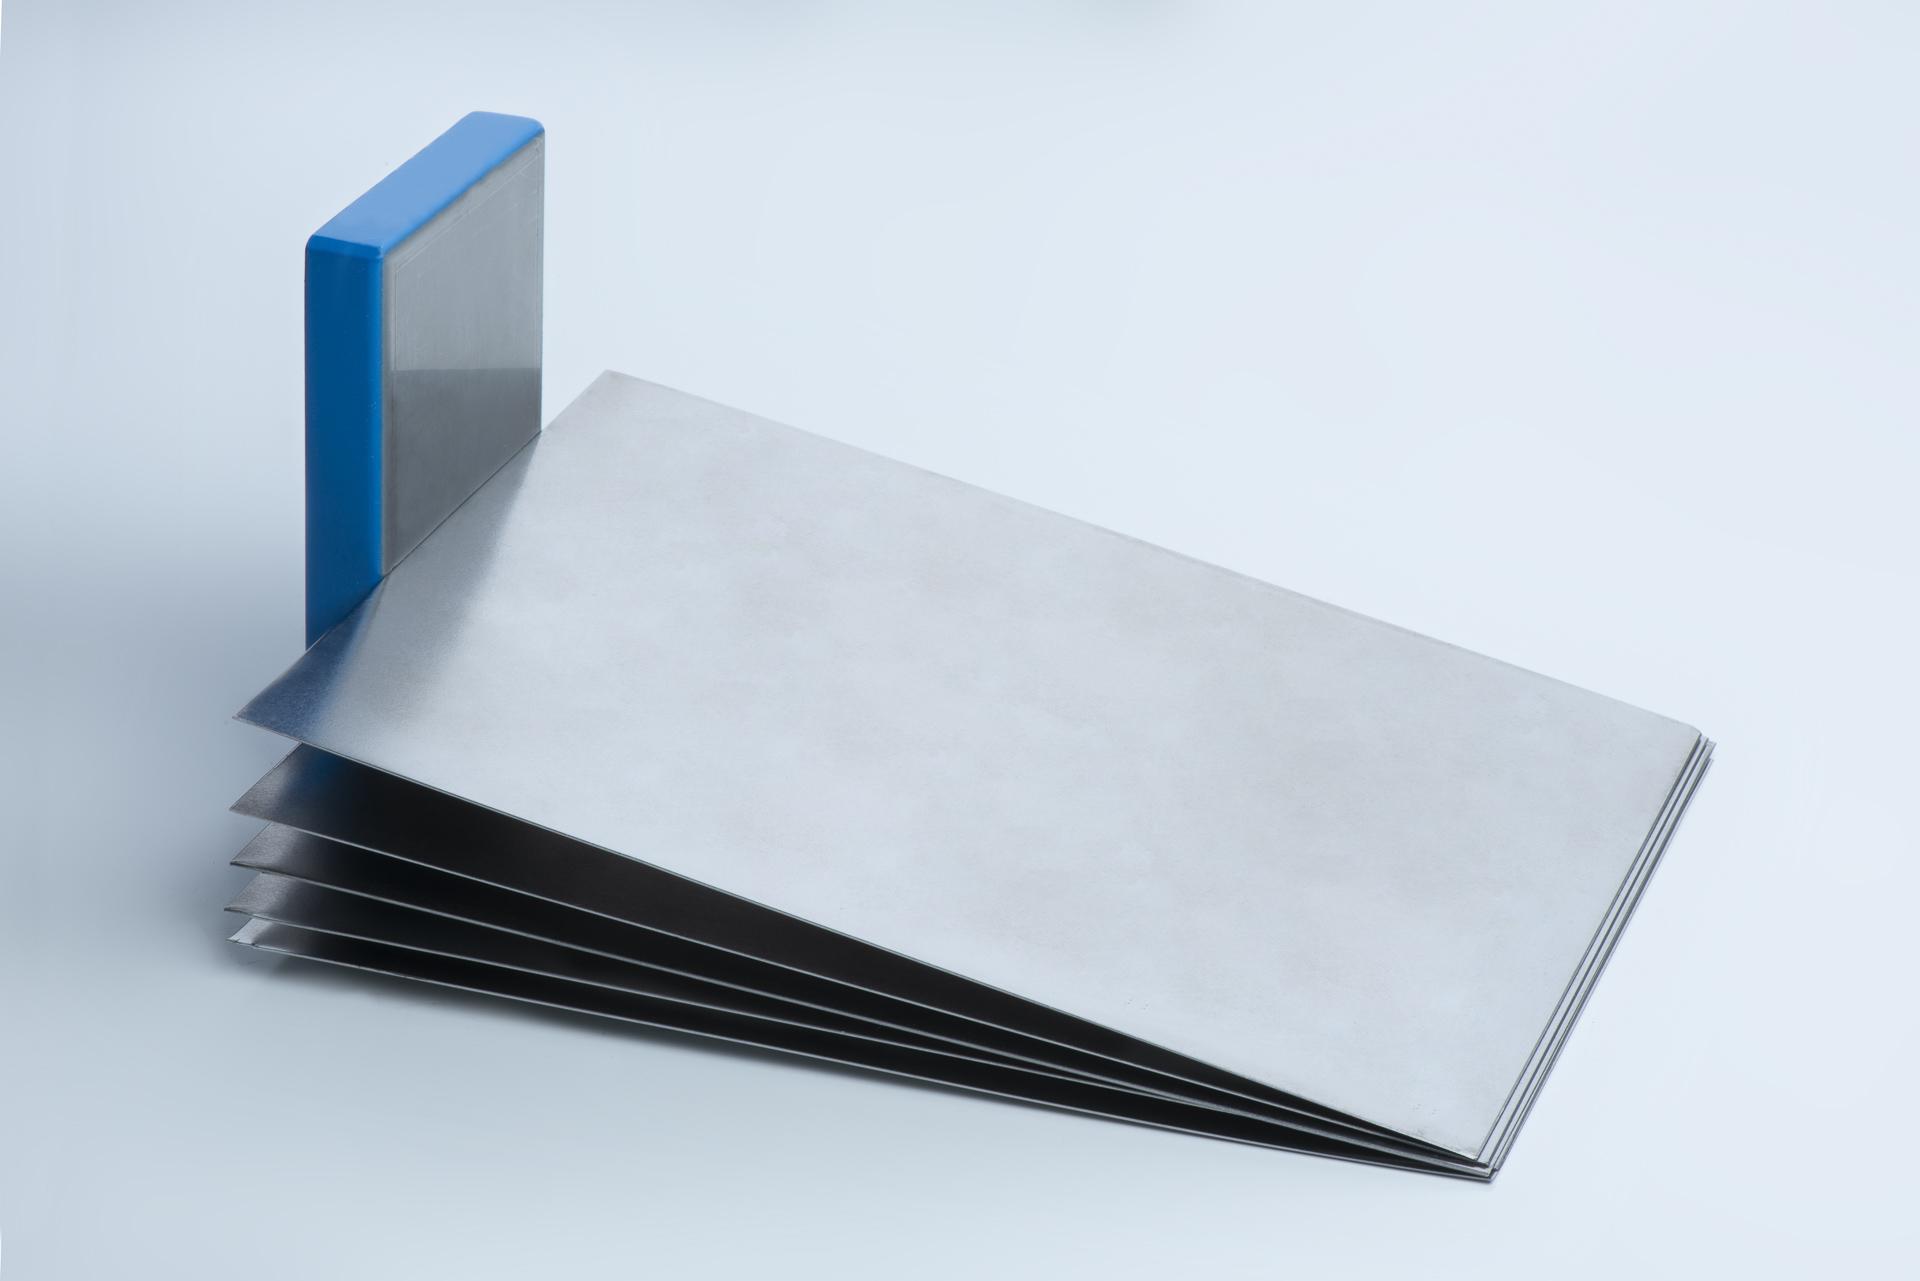 Spreizmagnete, thyssenkrupp Magnettechnik